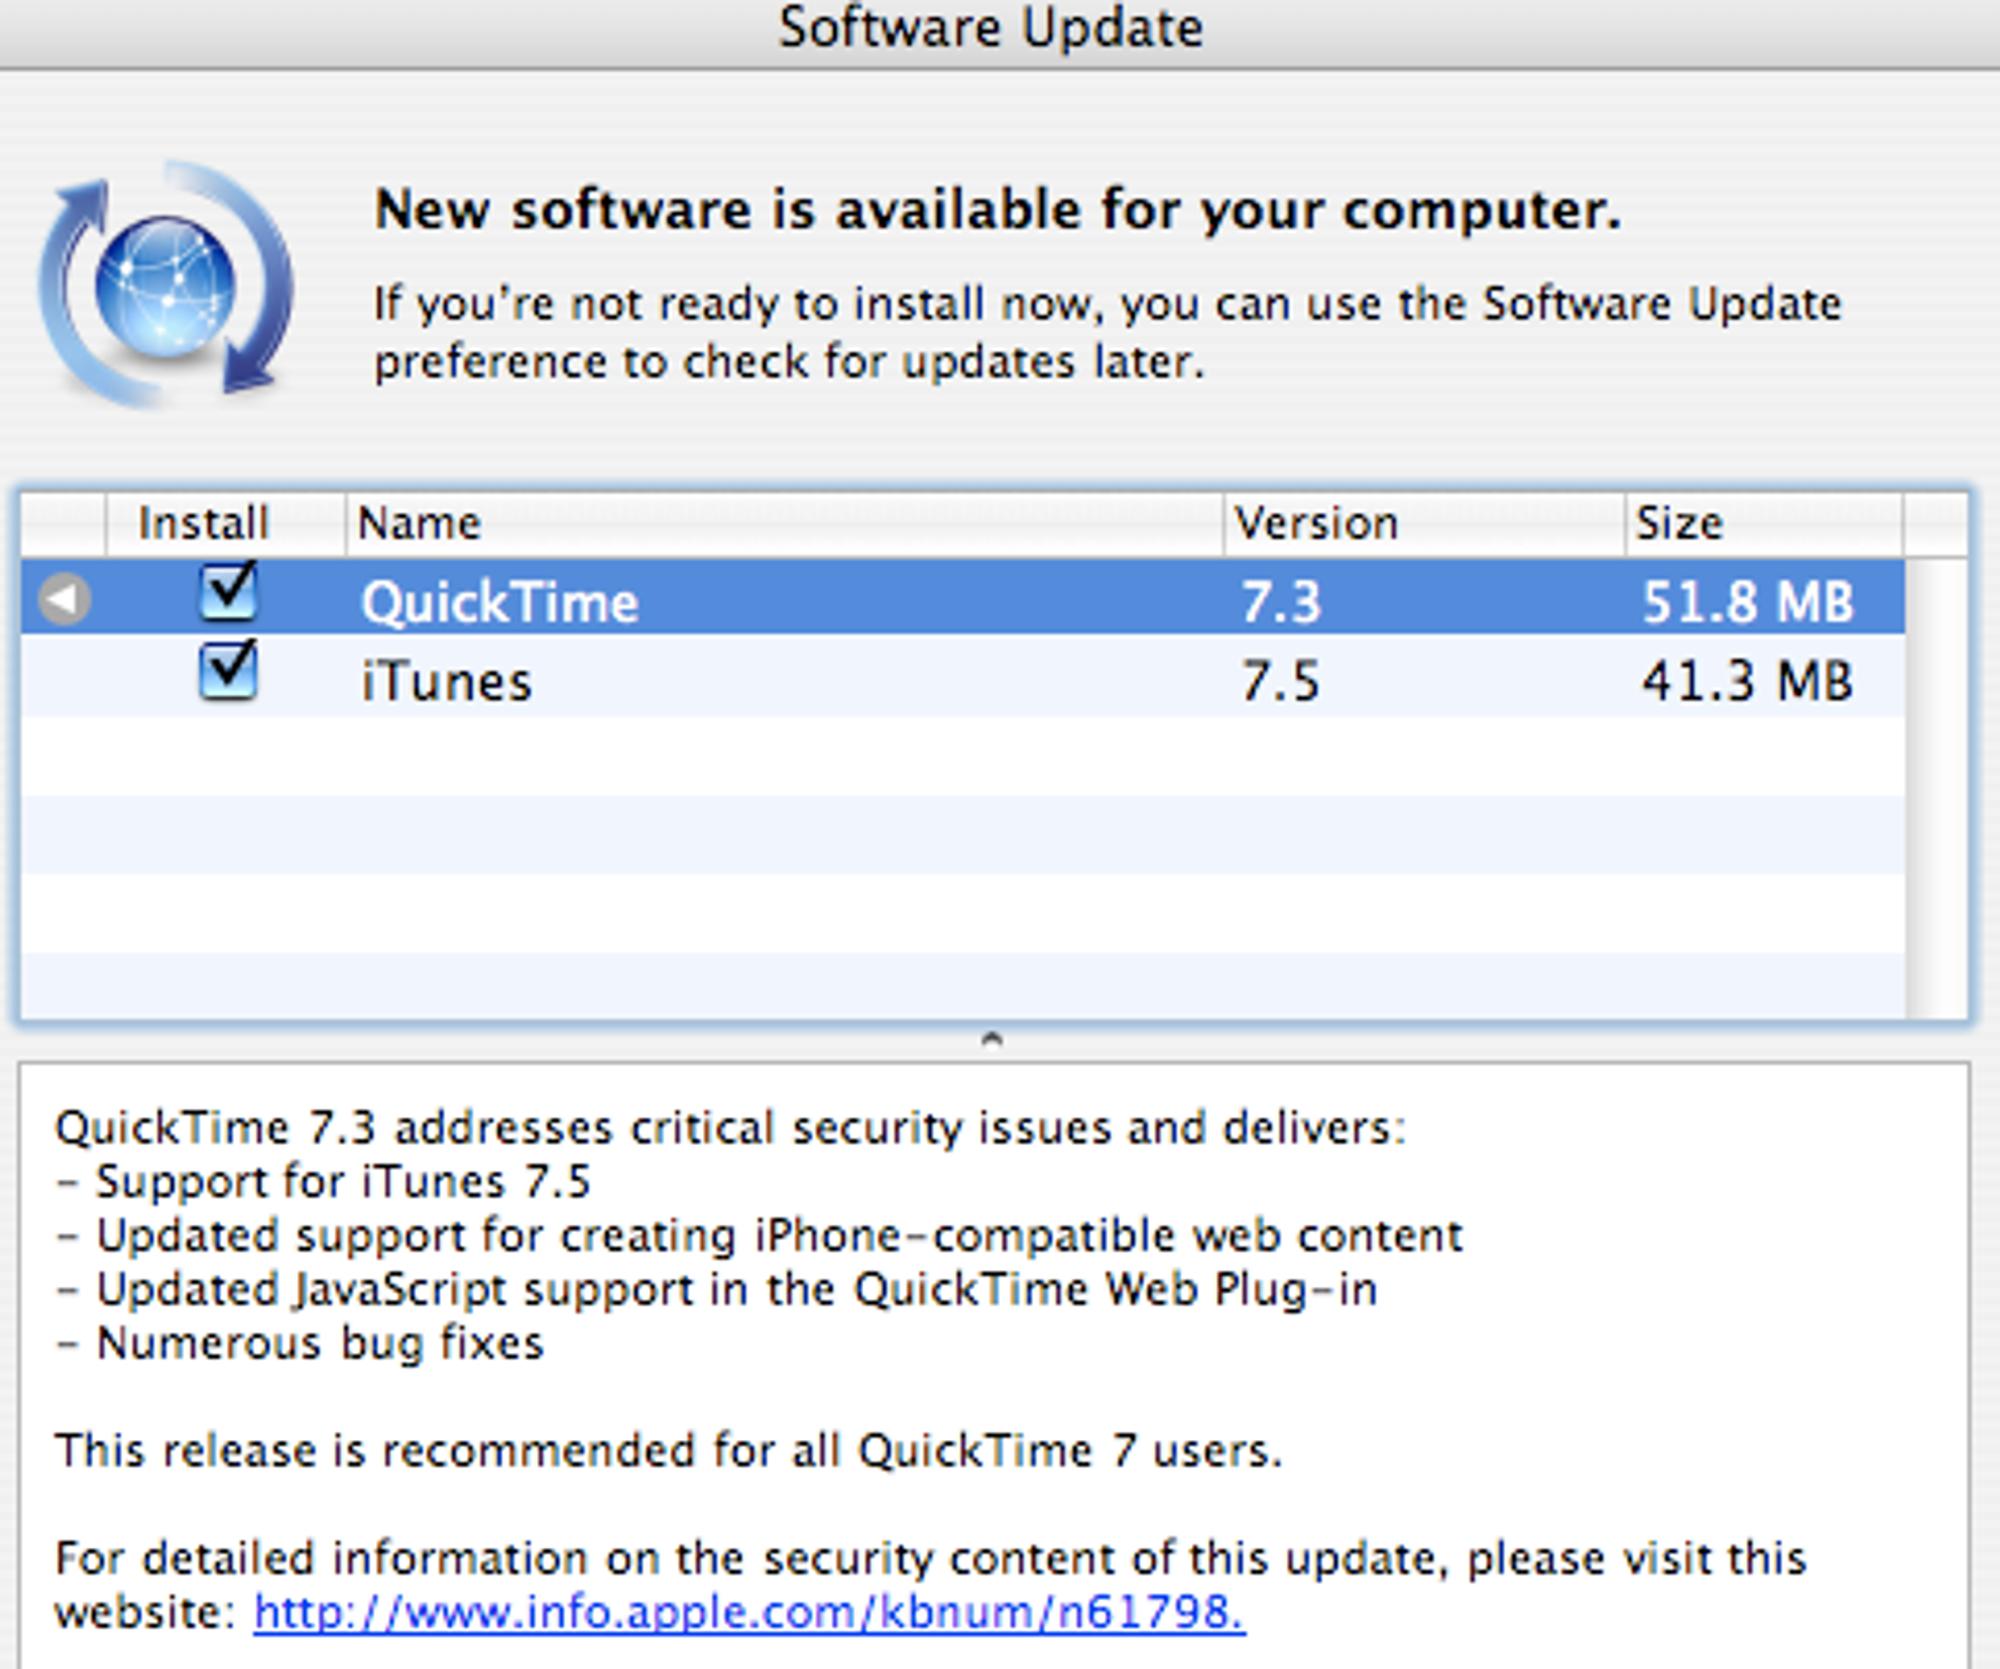 Eldre QuickTime-oppdatering - husk å krysse vekk annen programvare dersom du ikke vil ha den